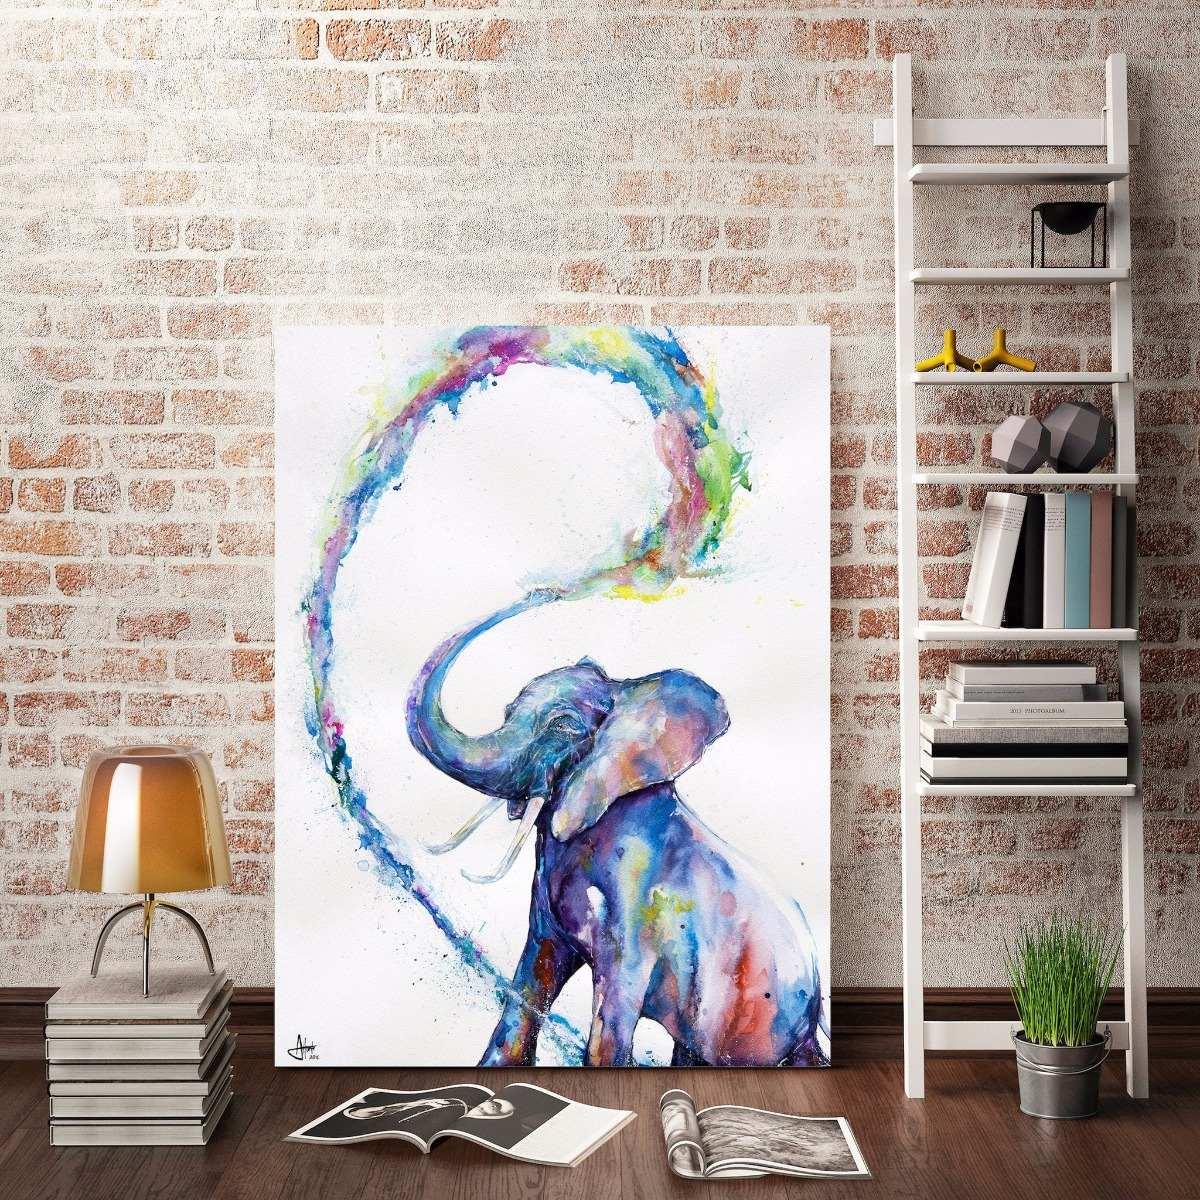 Cuadro elefante acuarela abstracto colores en lienzo - Lienzos decorativos ...